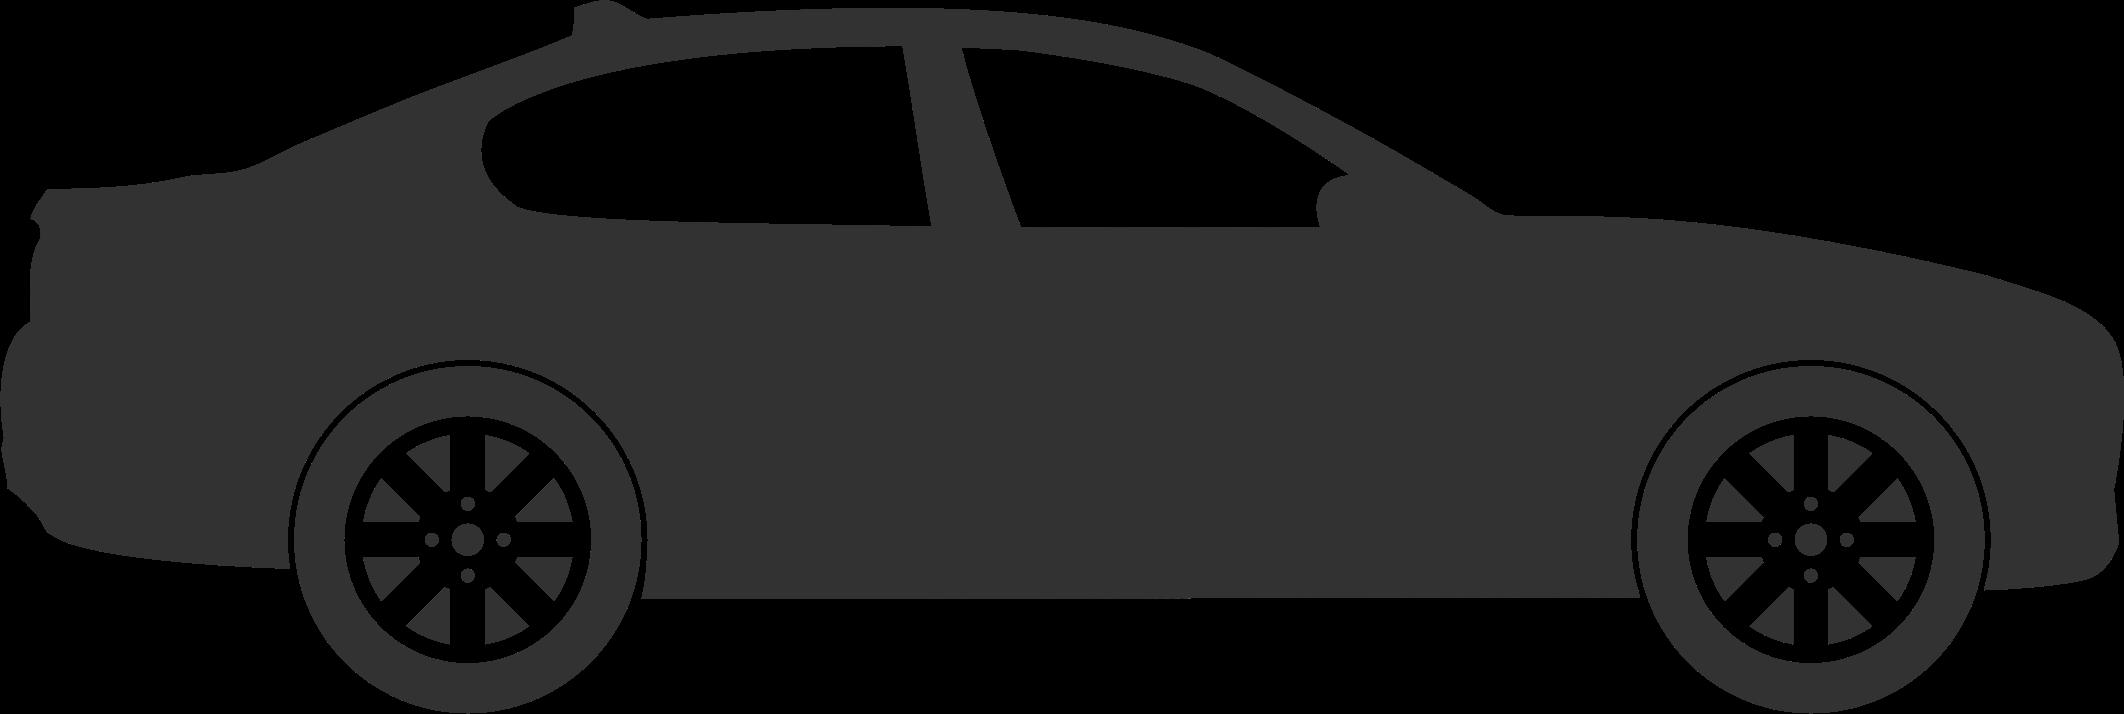 Electric Car Video Clip